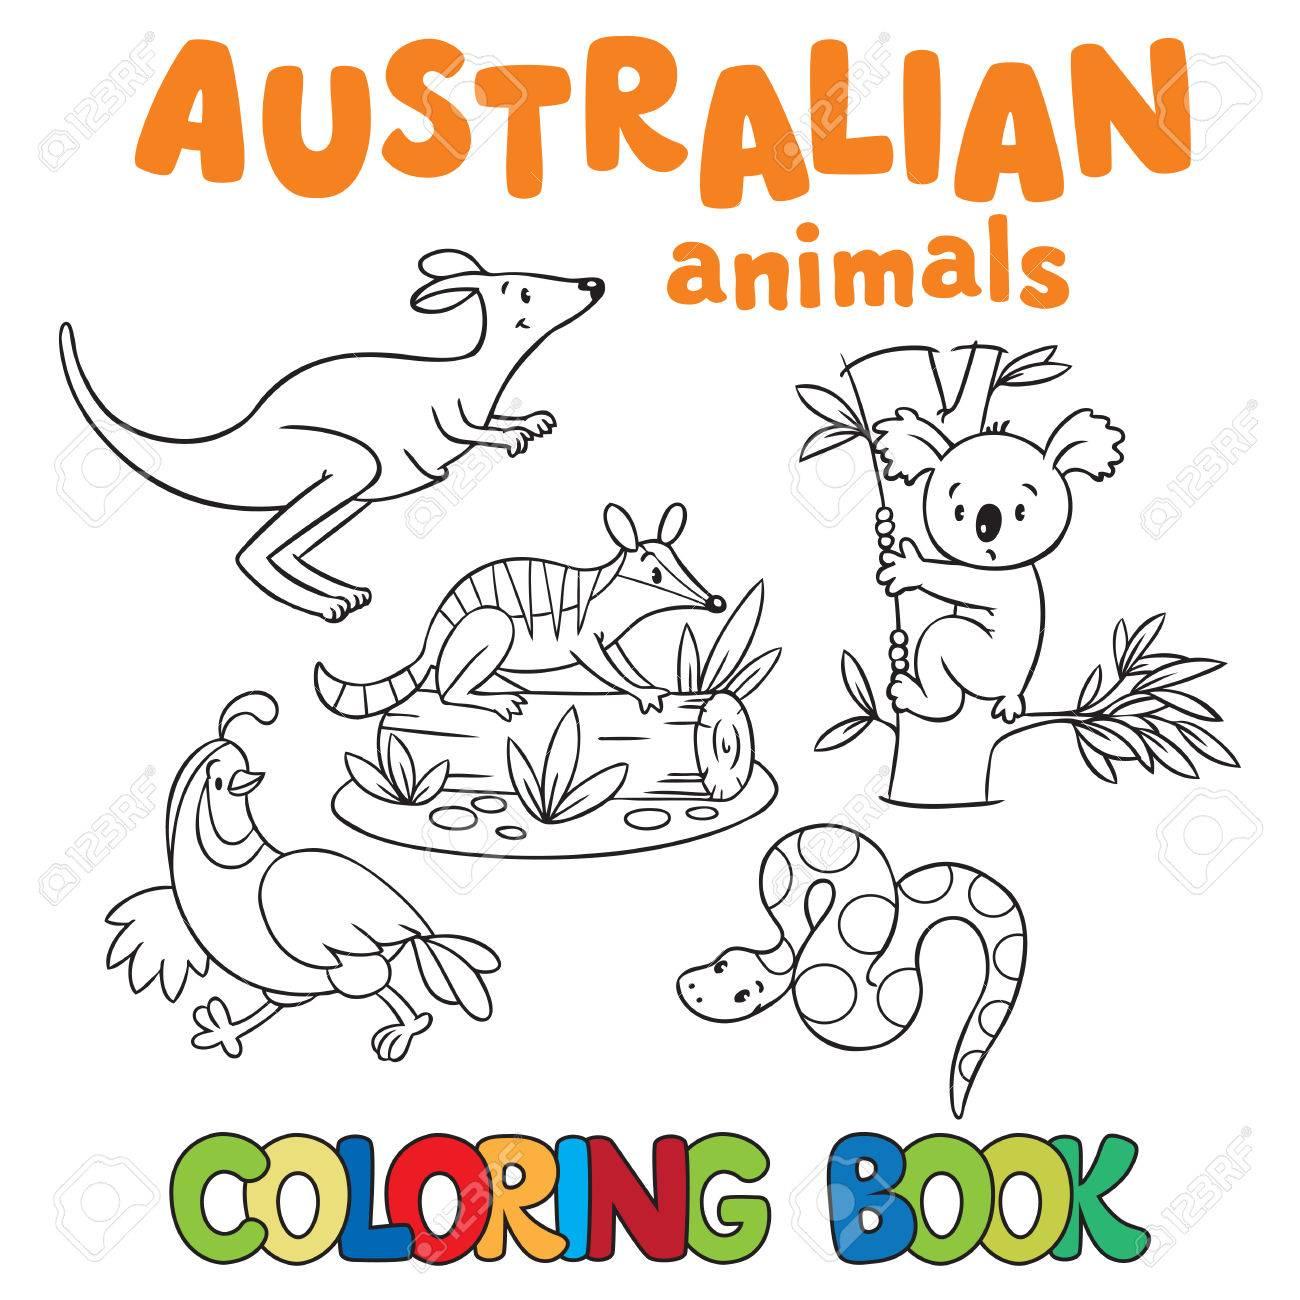 Kleurplaten Dieren Tijgers.Kleurboek Of Kleurplaat Met Wilde Dieren Tijger Panda Numbat